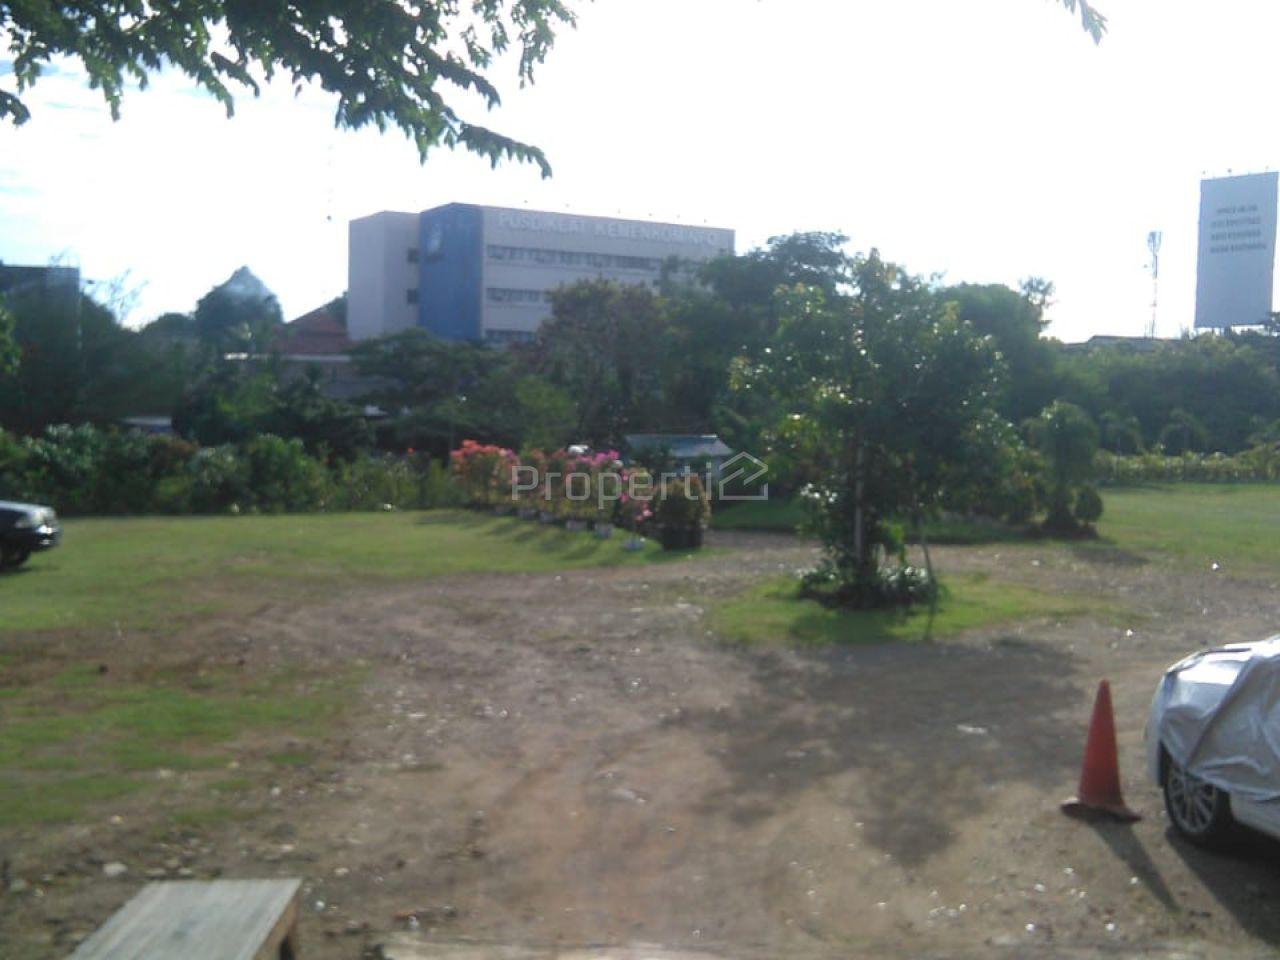 Commercial Land in Jalan Panjang Kebon Jeruk, DKI Jakarta